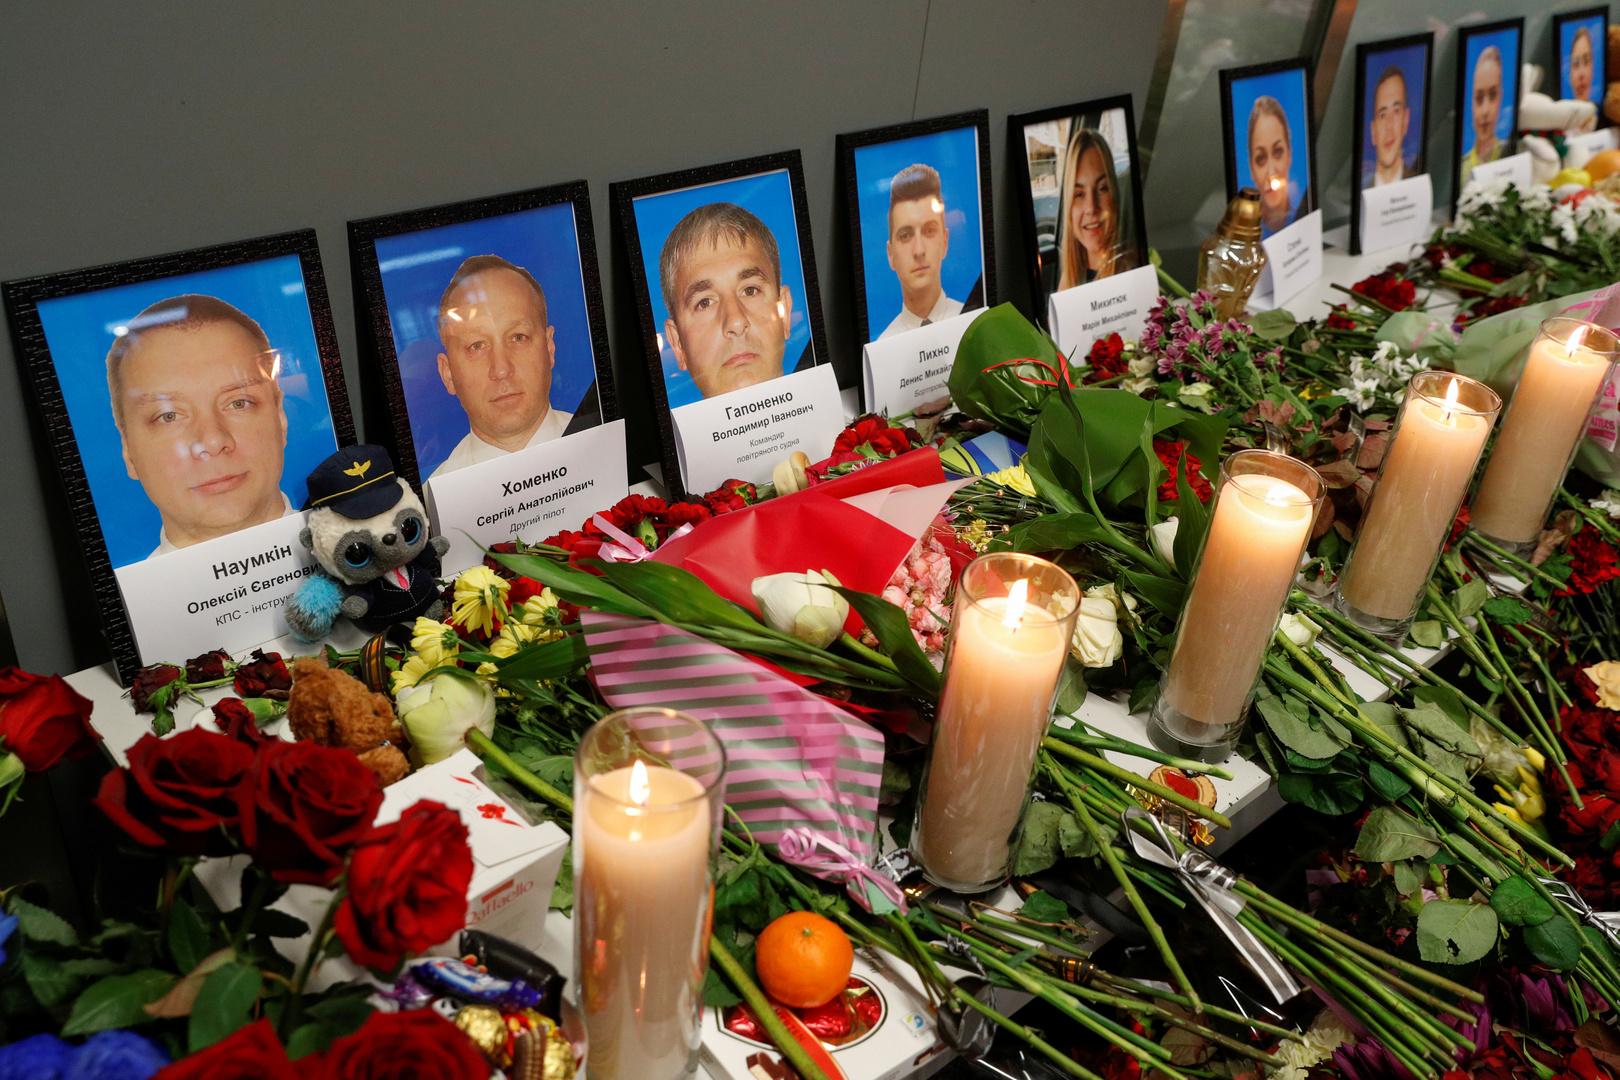 إيران تعتبر مزدوجي الجنسية من ضحايا الطائرة الأوكرانية مواطنين إيرانيين